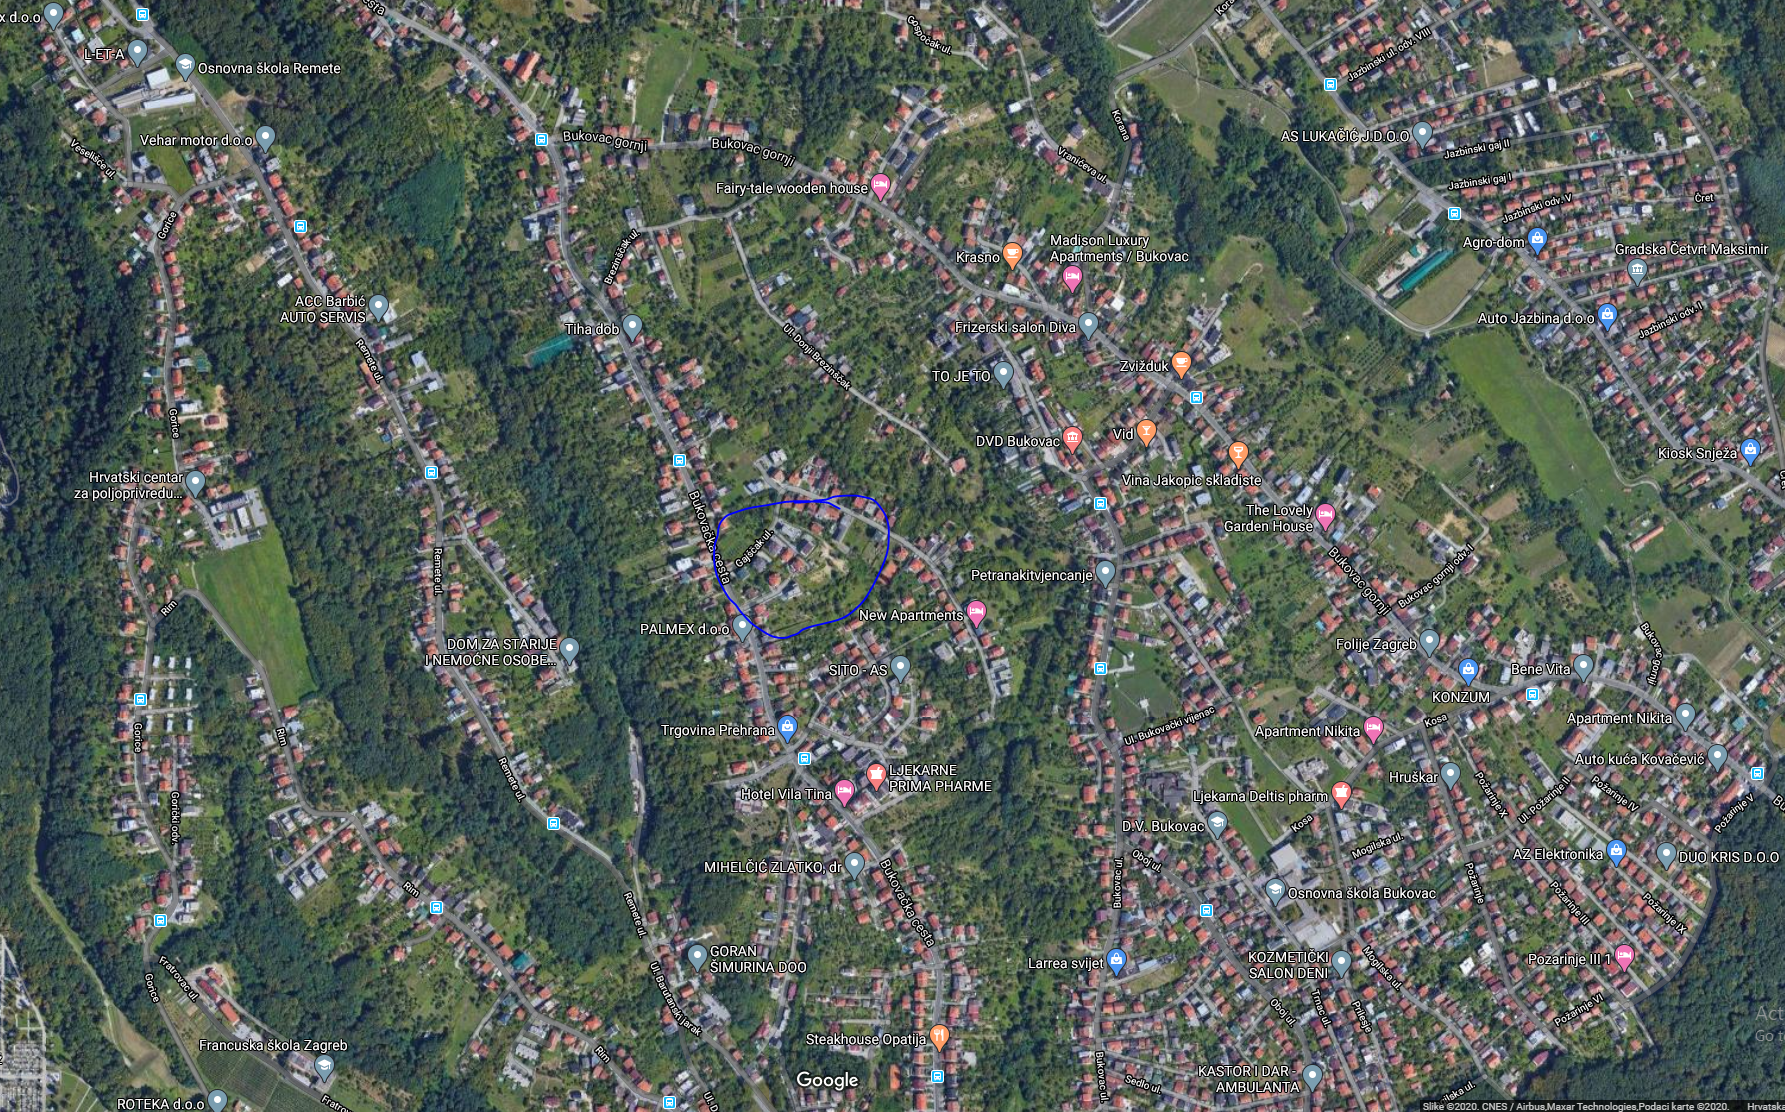 Građevinsko zemljište, Zagreb (Remete), Gajščak, 2885 m2